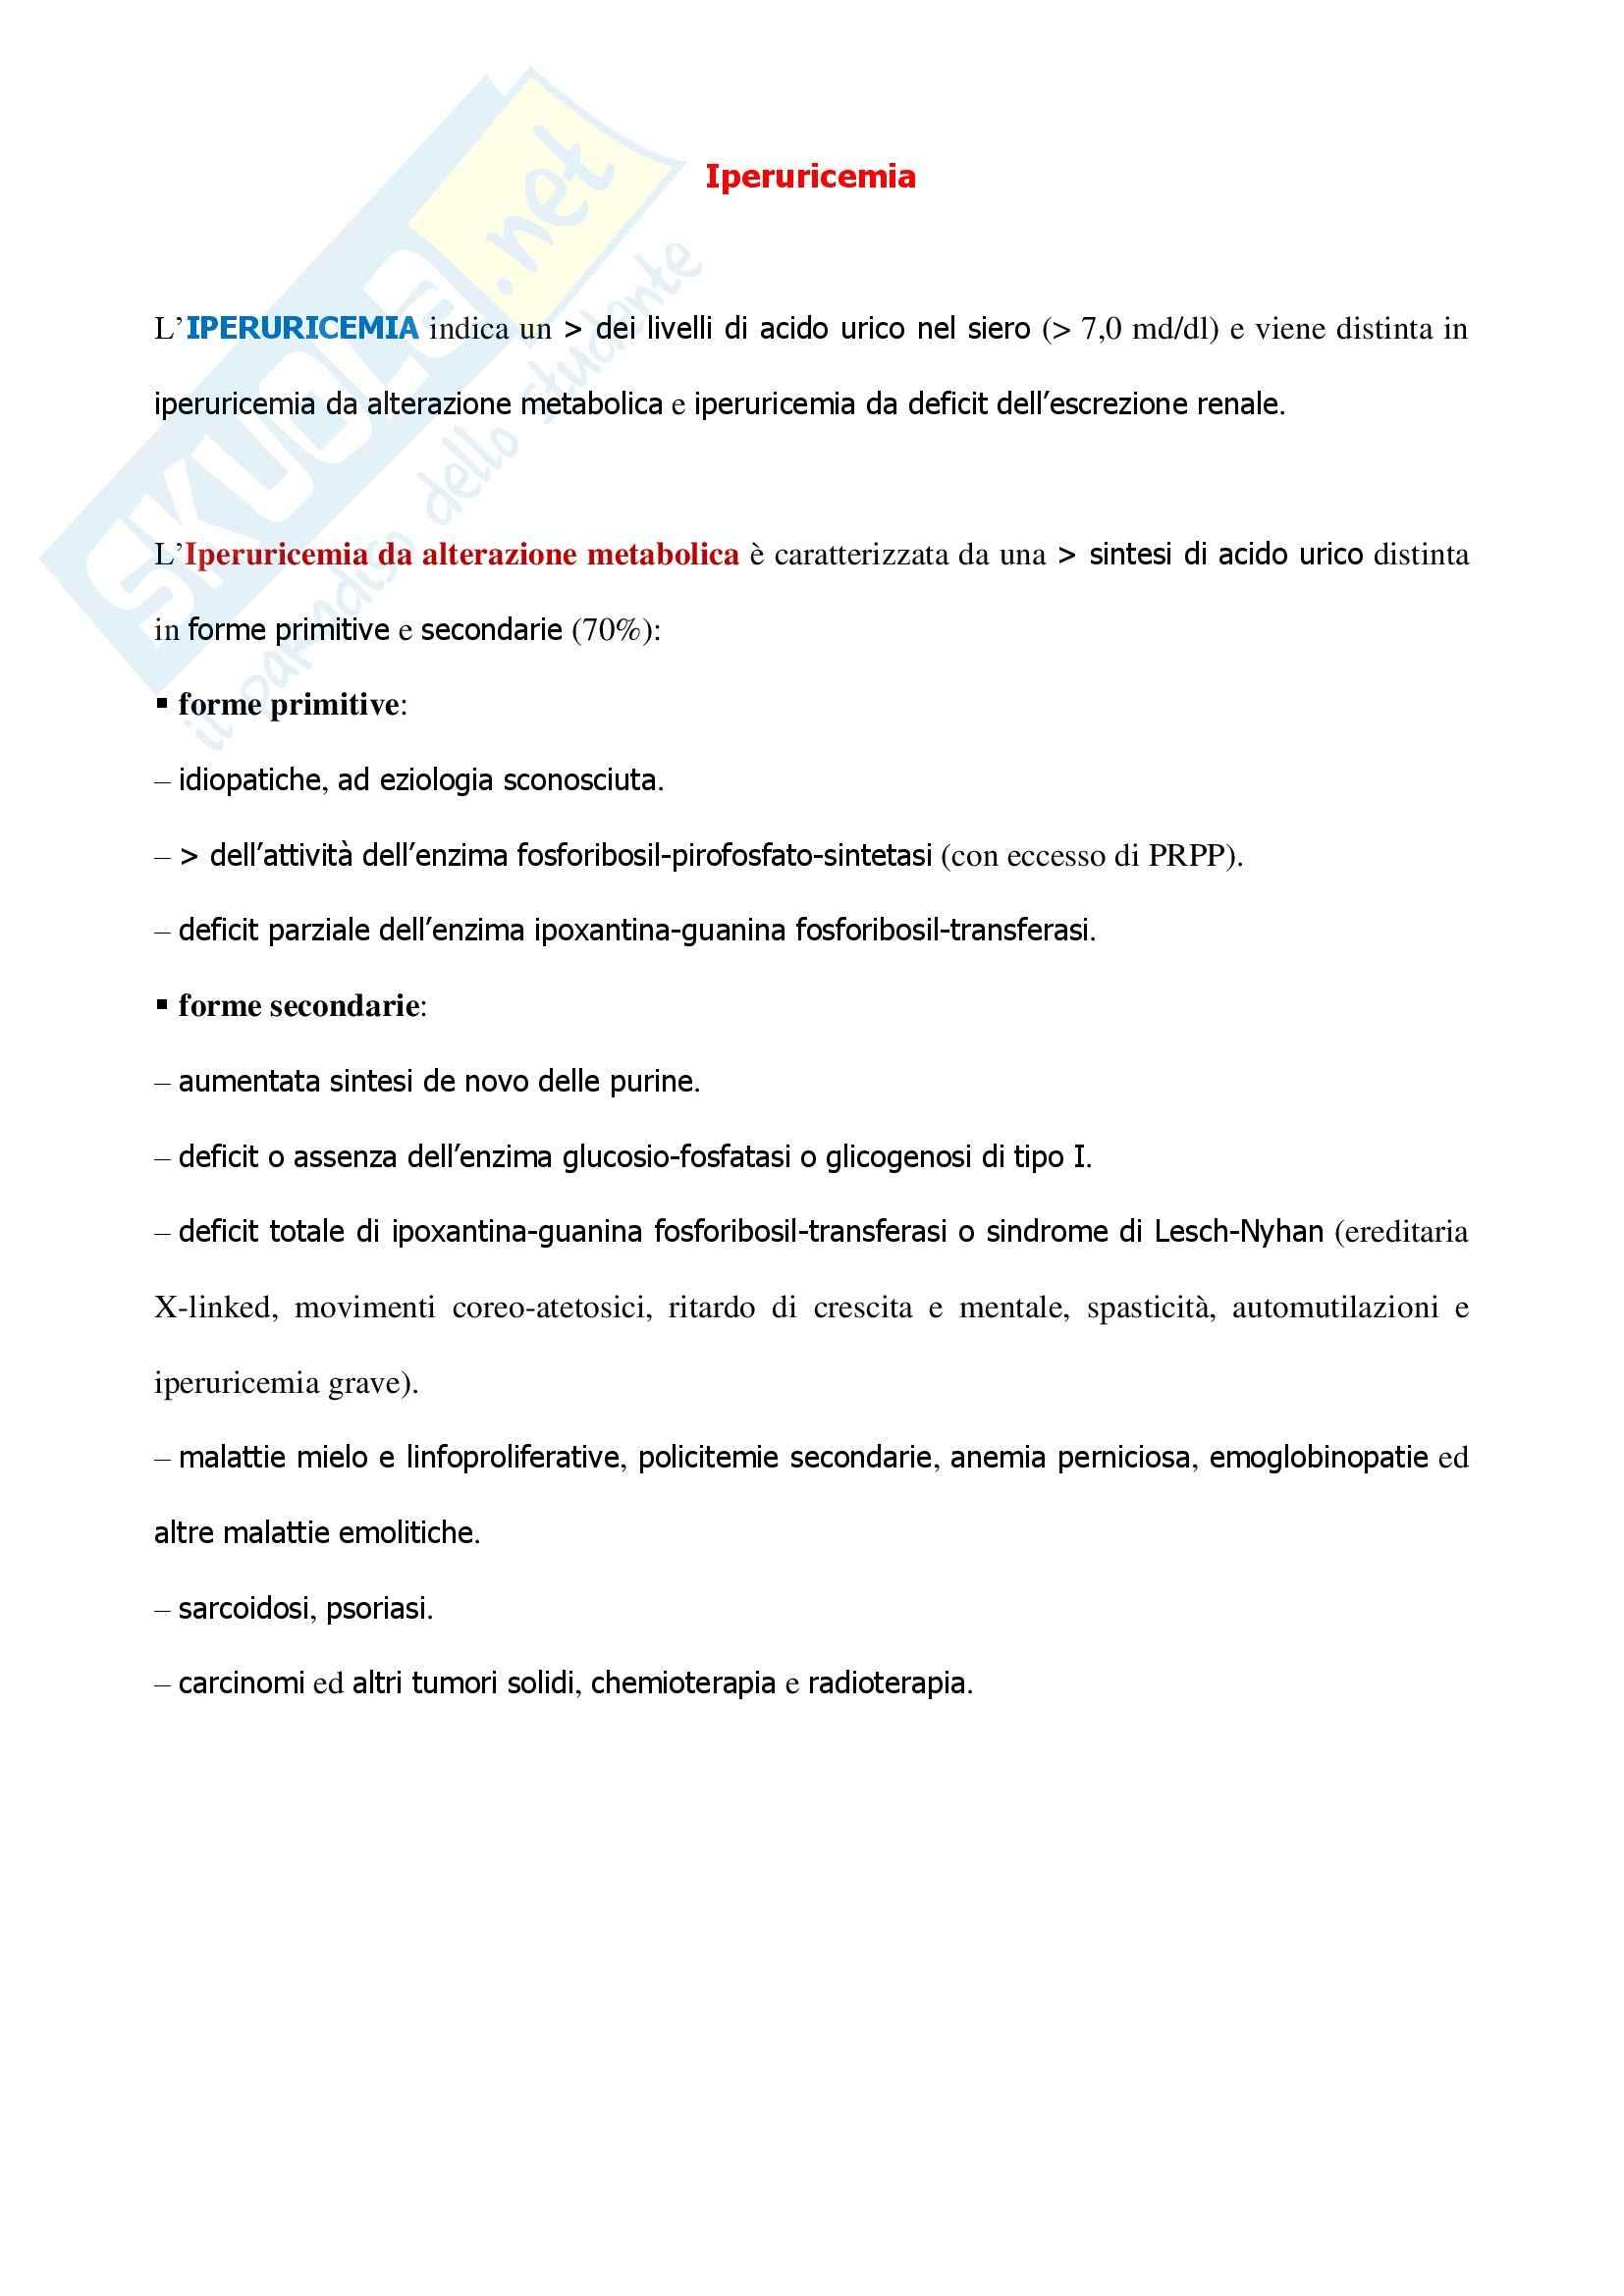 Endocrinologia - l'iperuricemia